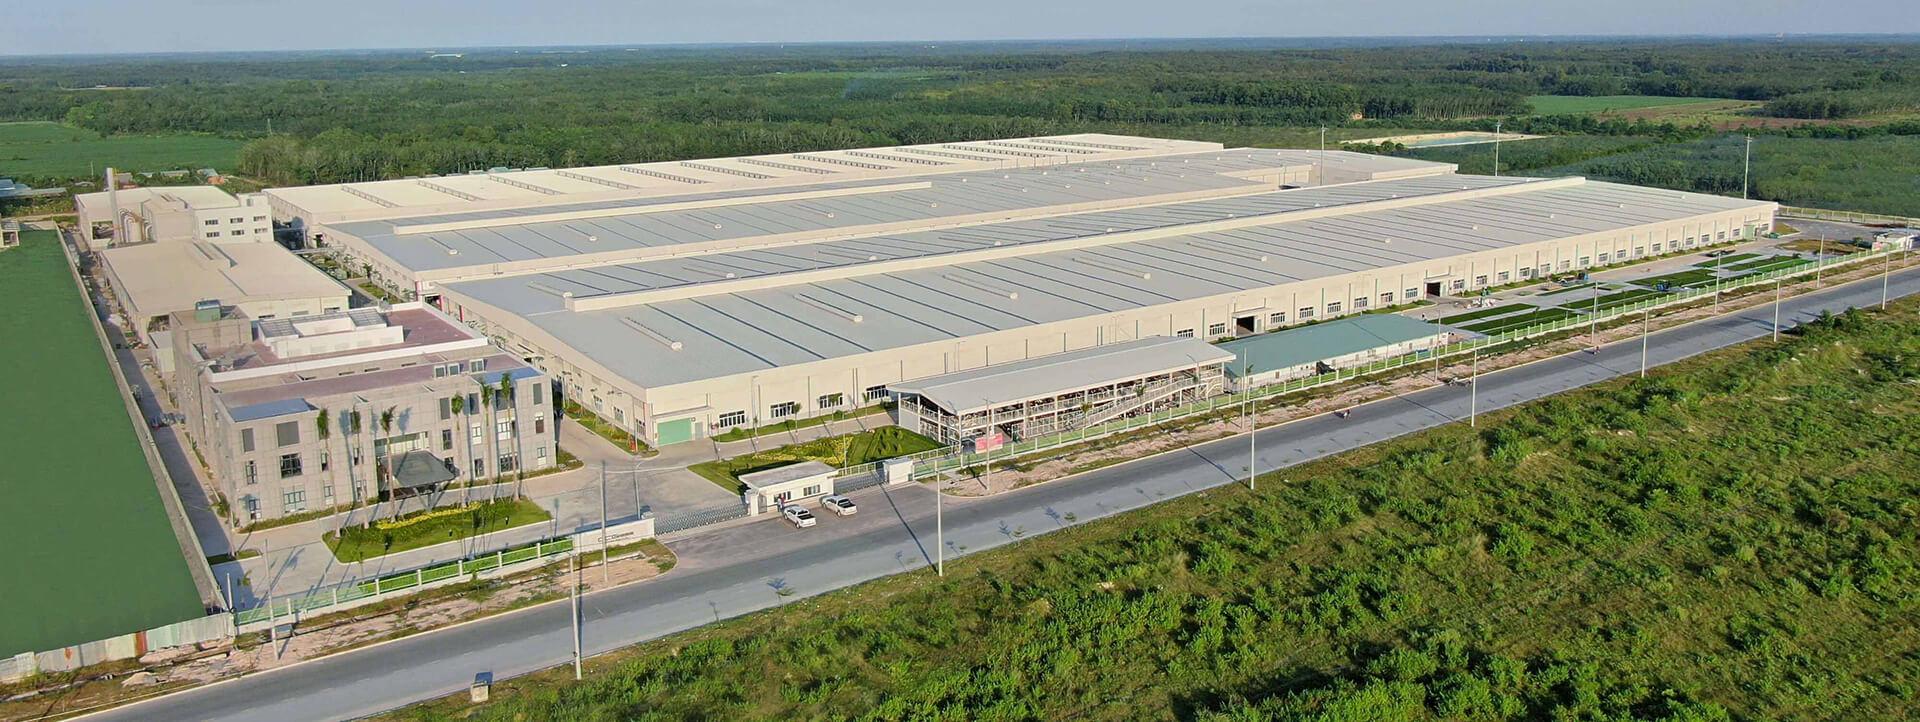 CCGrass factory